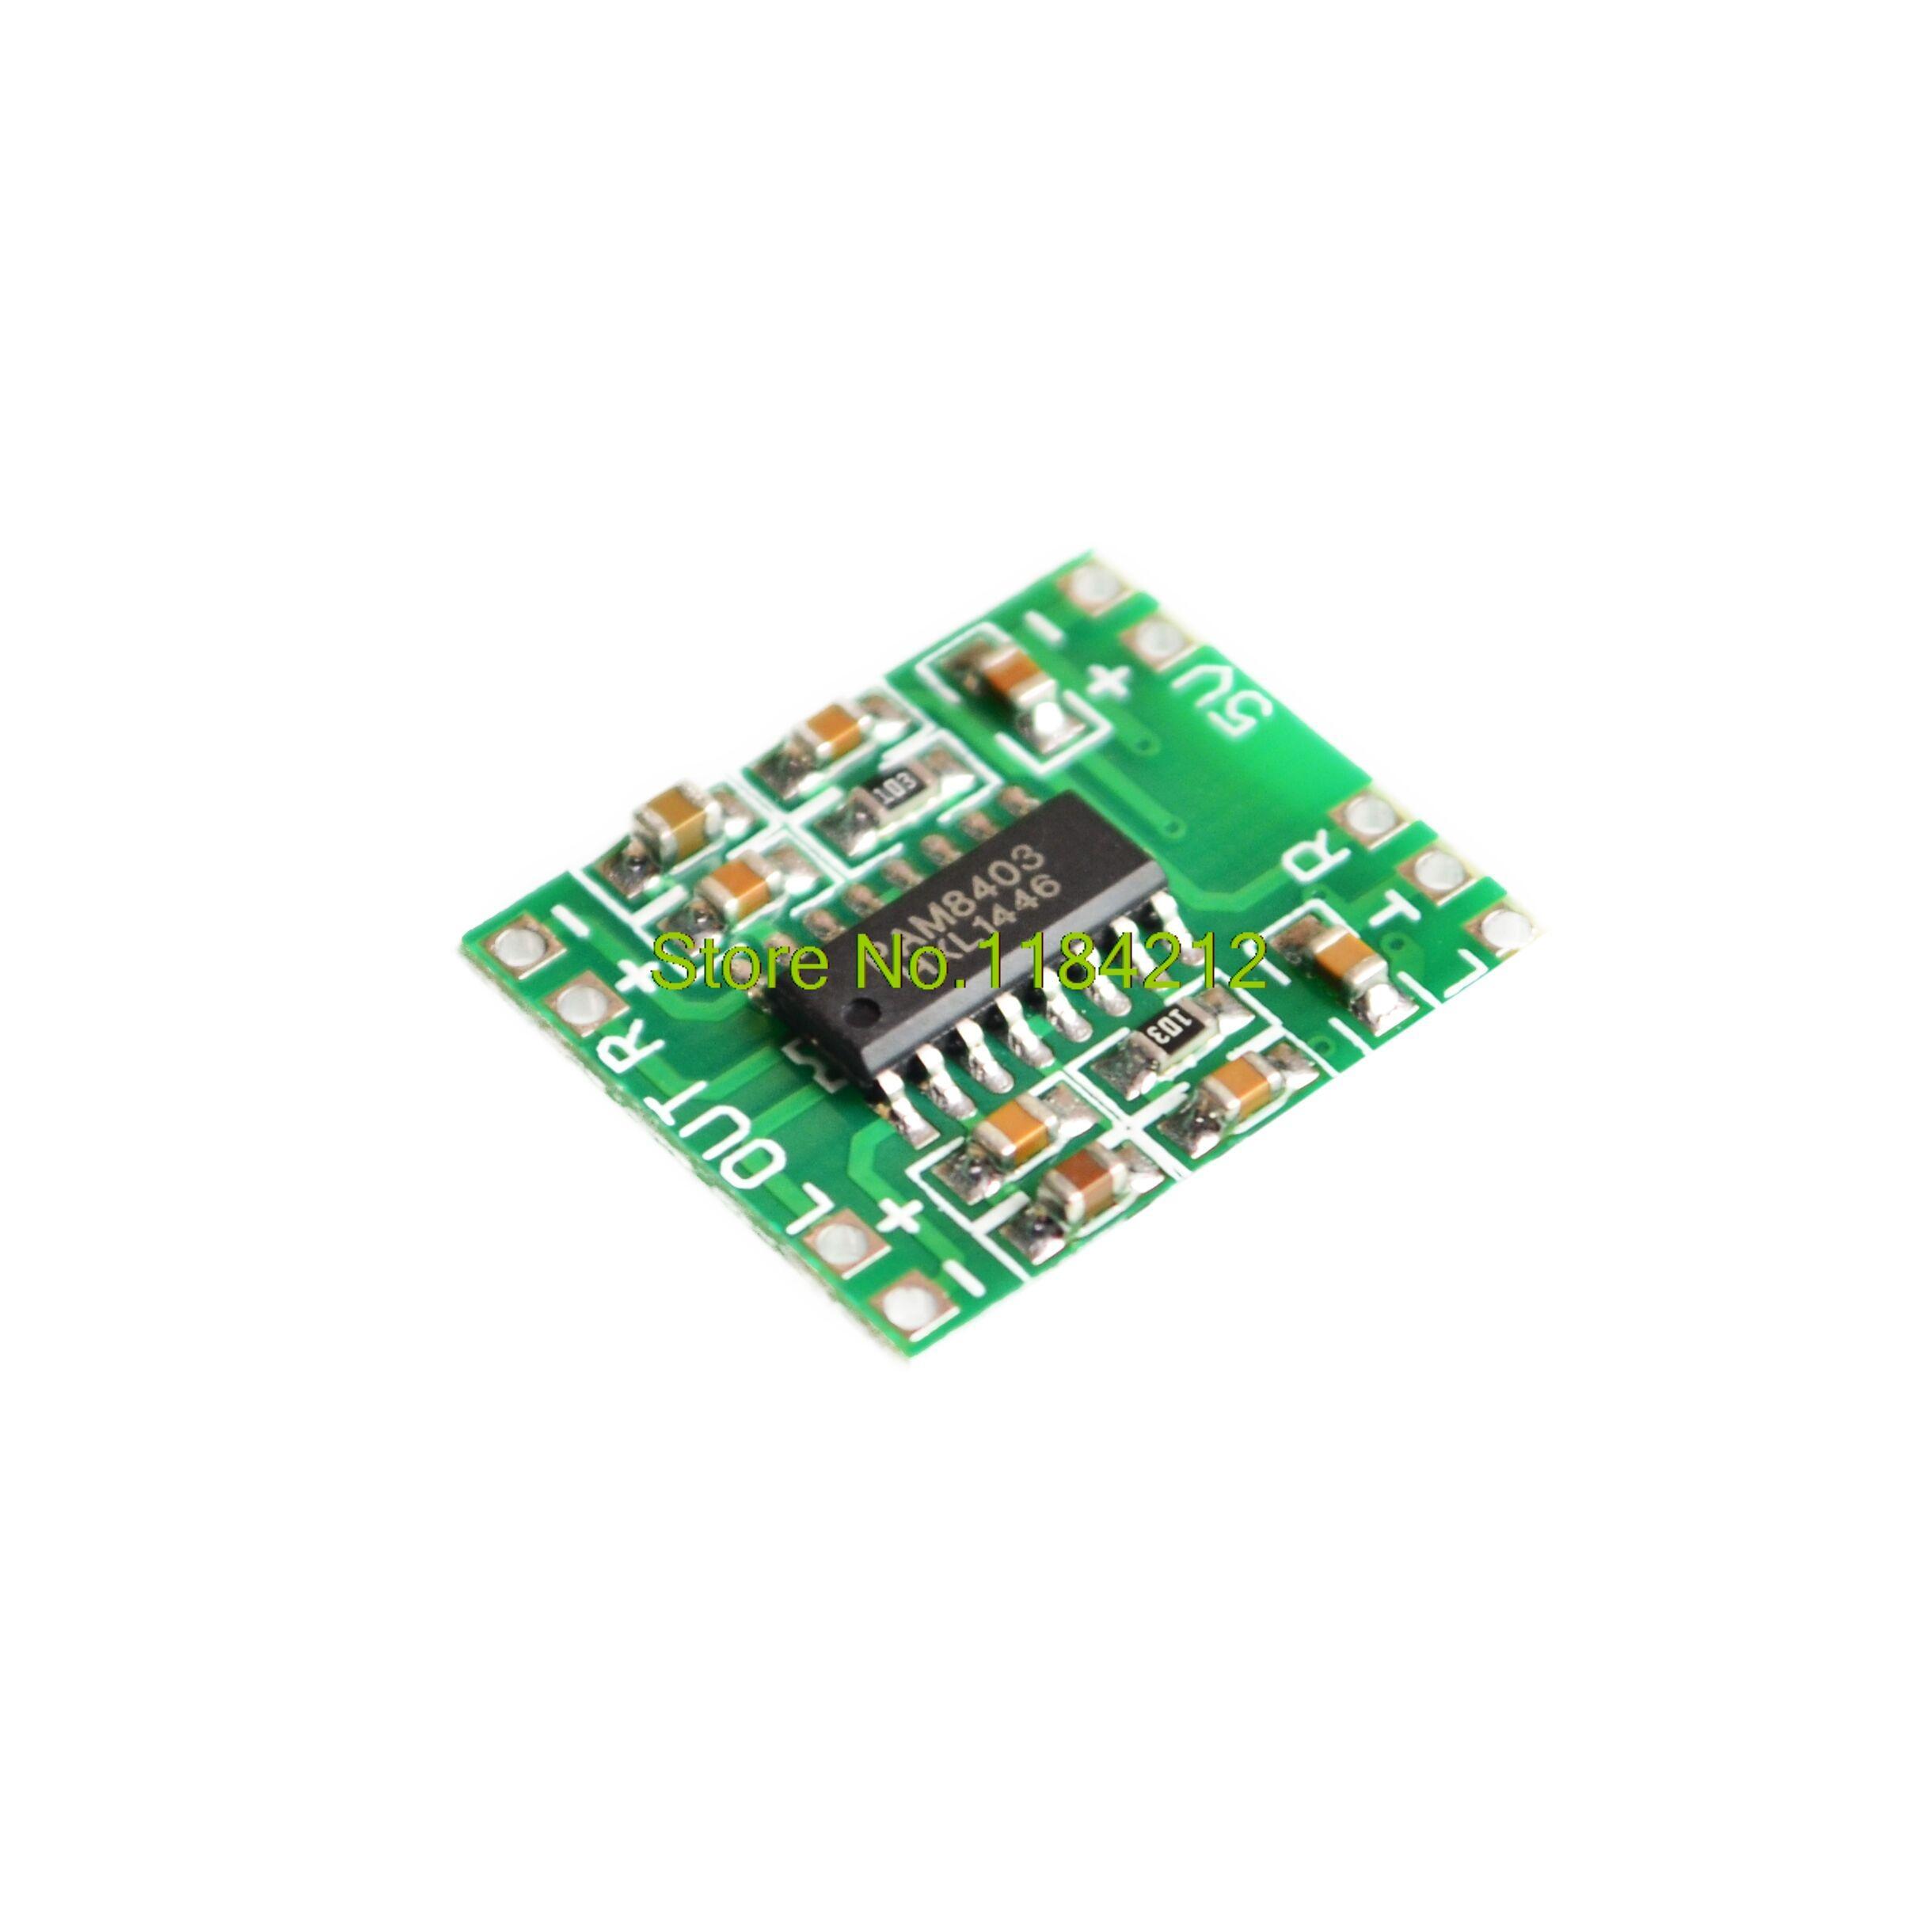 Amplifier-Board Audio-Module DC Class-D NEW Mini 5V LCD USB Power-Pam8403 2-Channels